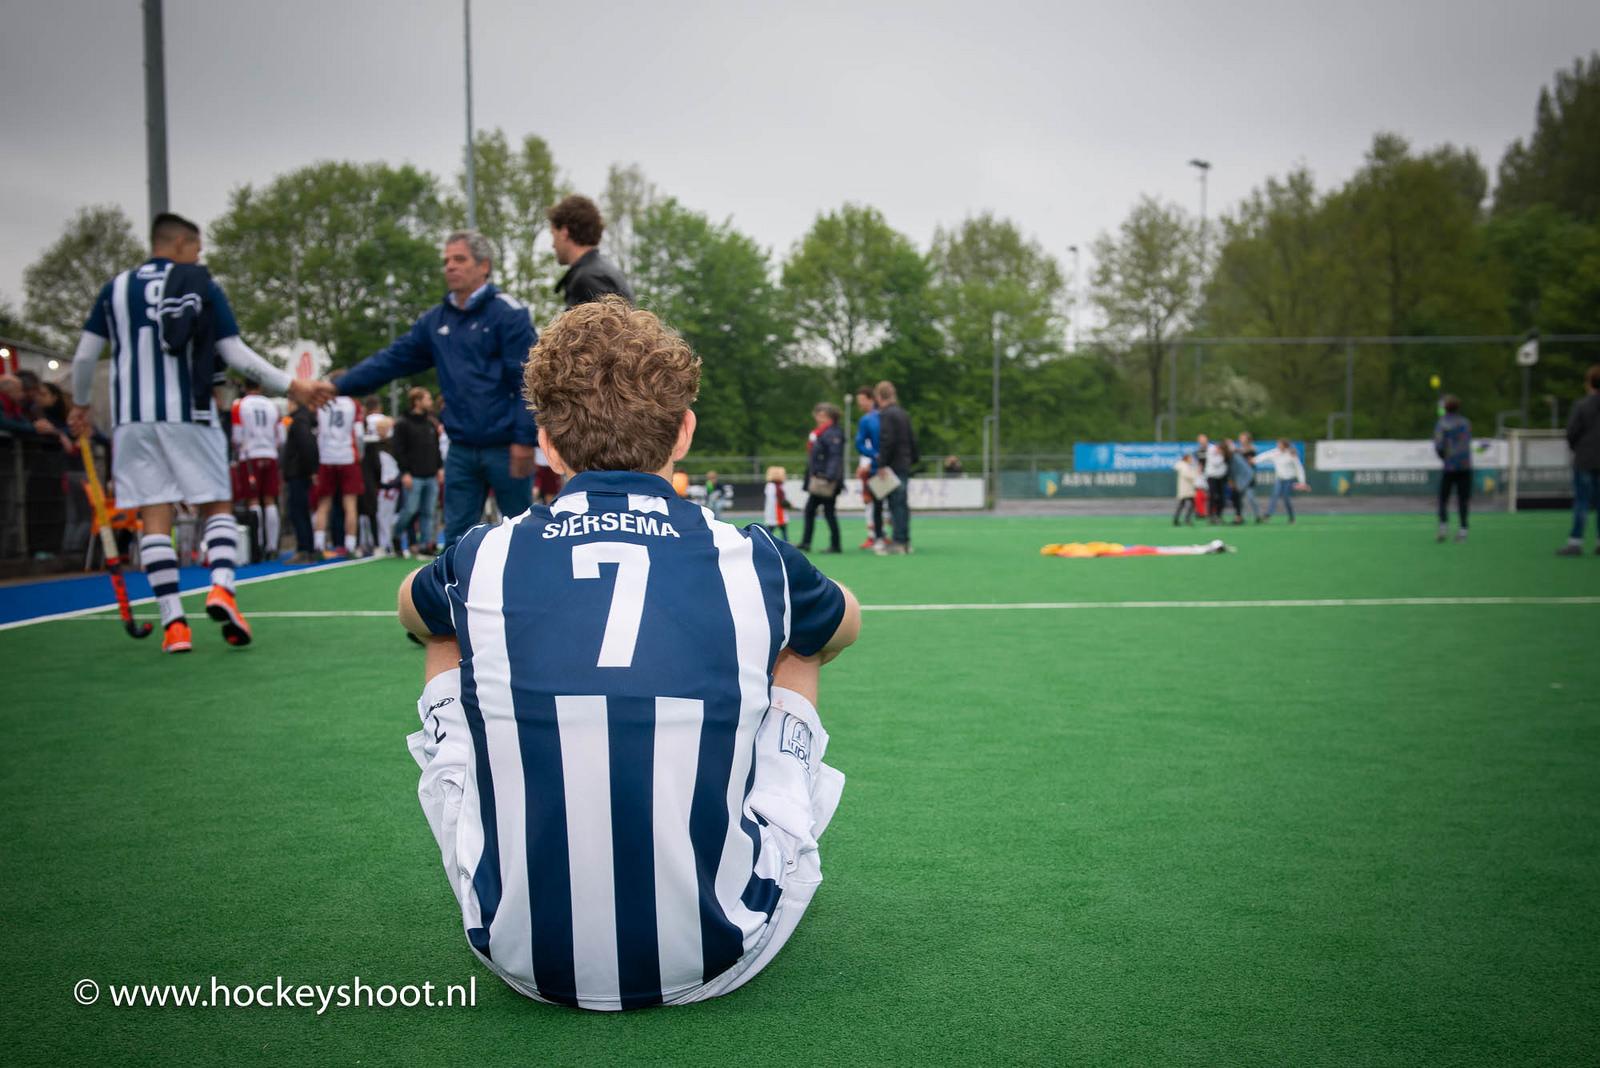 29-04-2018: Almere H1 - hdm H1 4-2